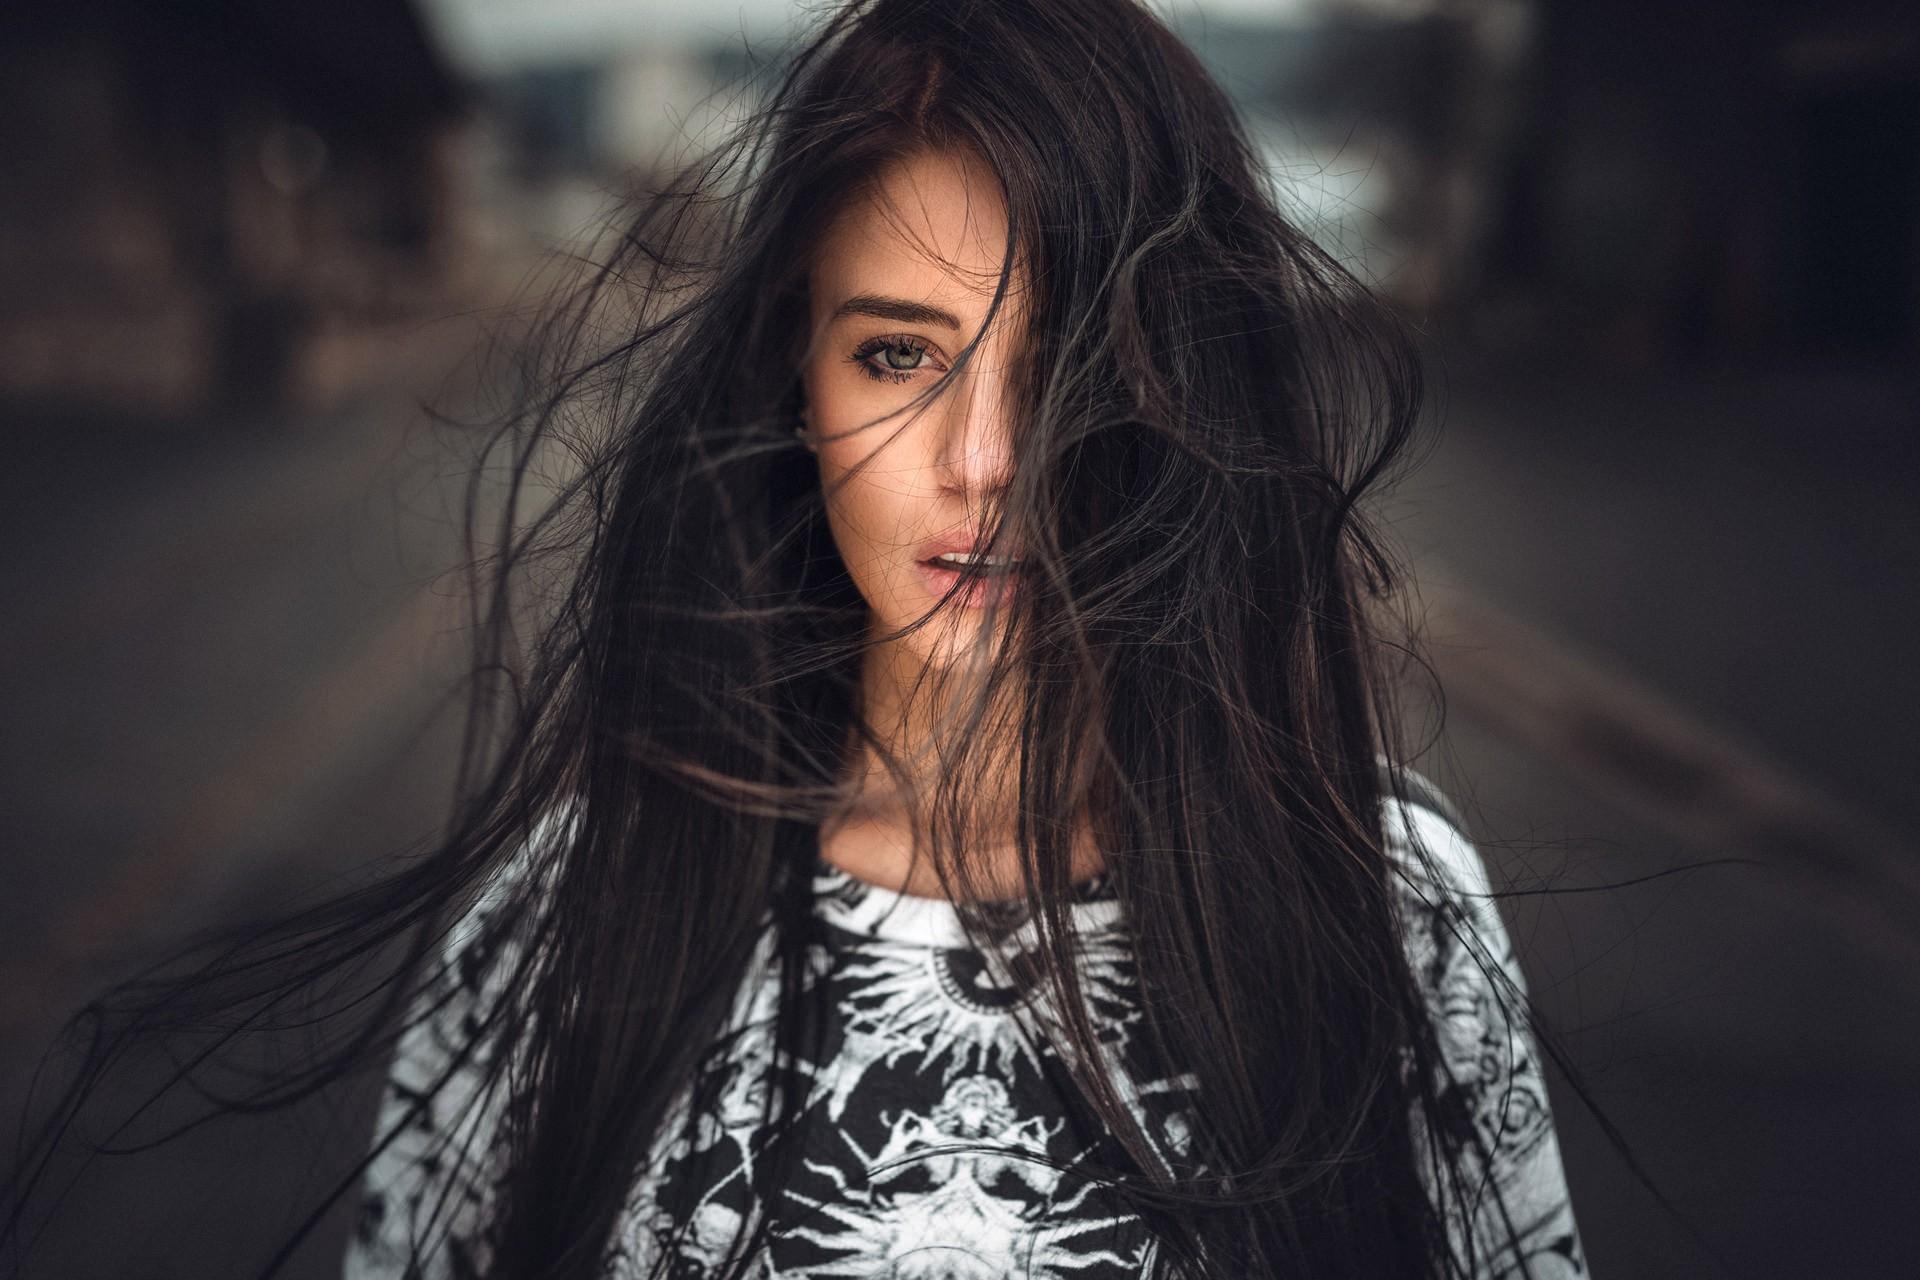 Julia Carina Portrait Face Women - Brunette Girl With Hazel Eyes , HD Wallpaper & Backgrounds